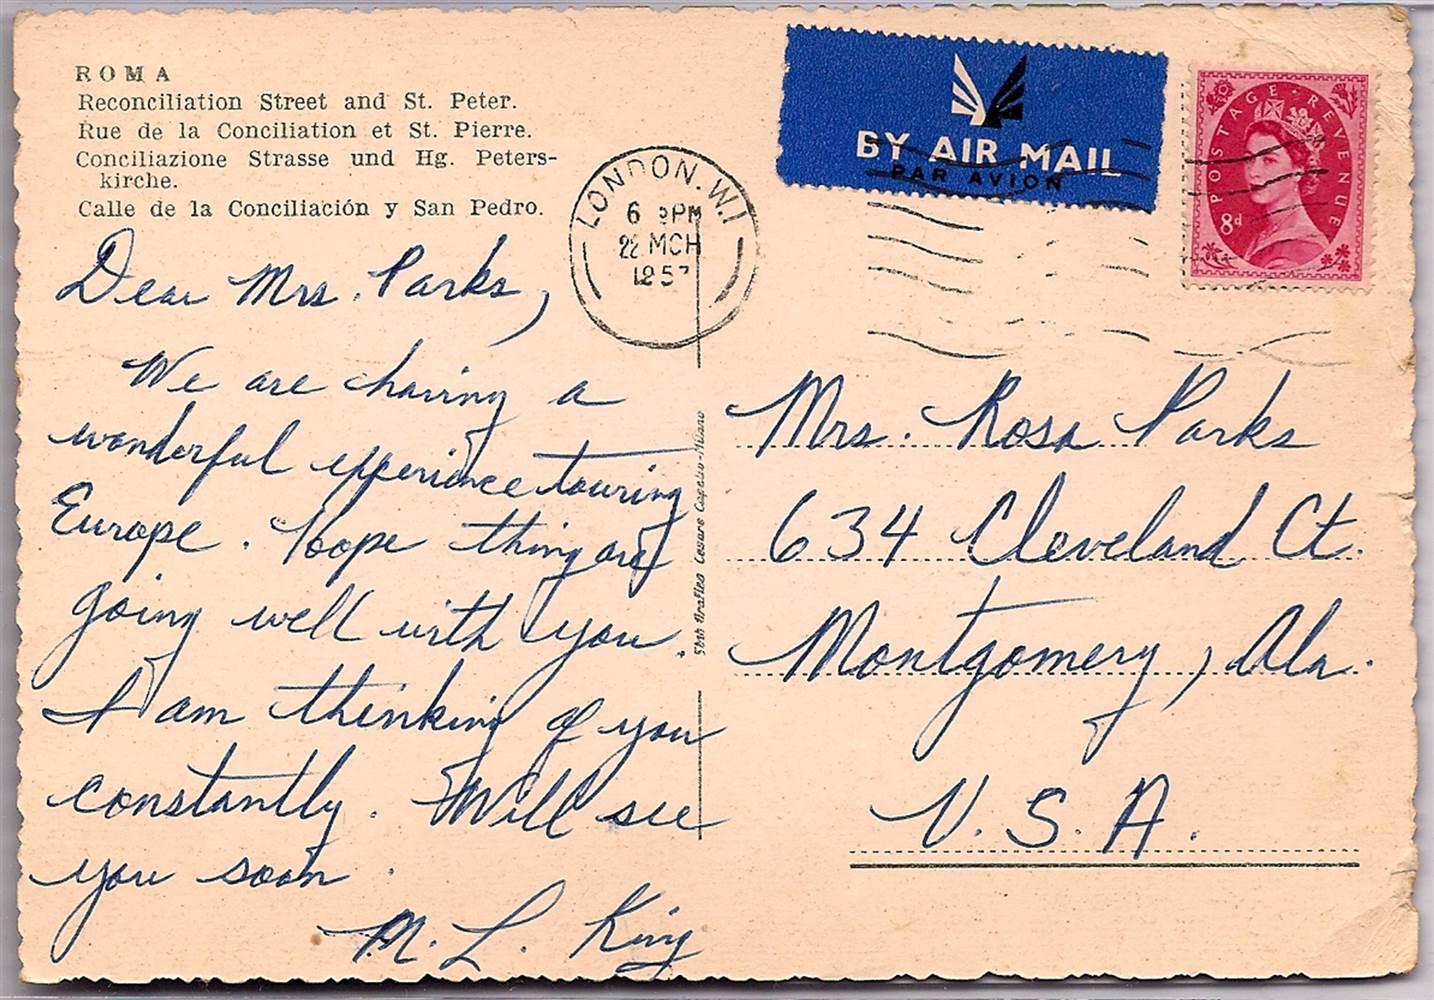 Carte postale de Martin Luther King Jr à Rosa Parks